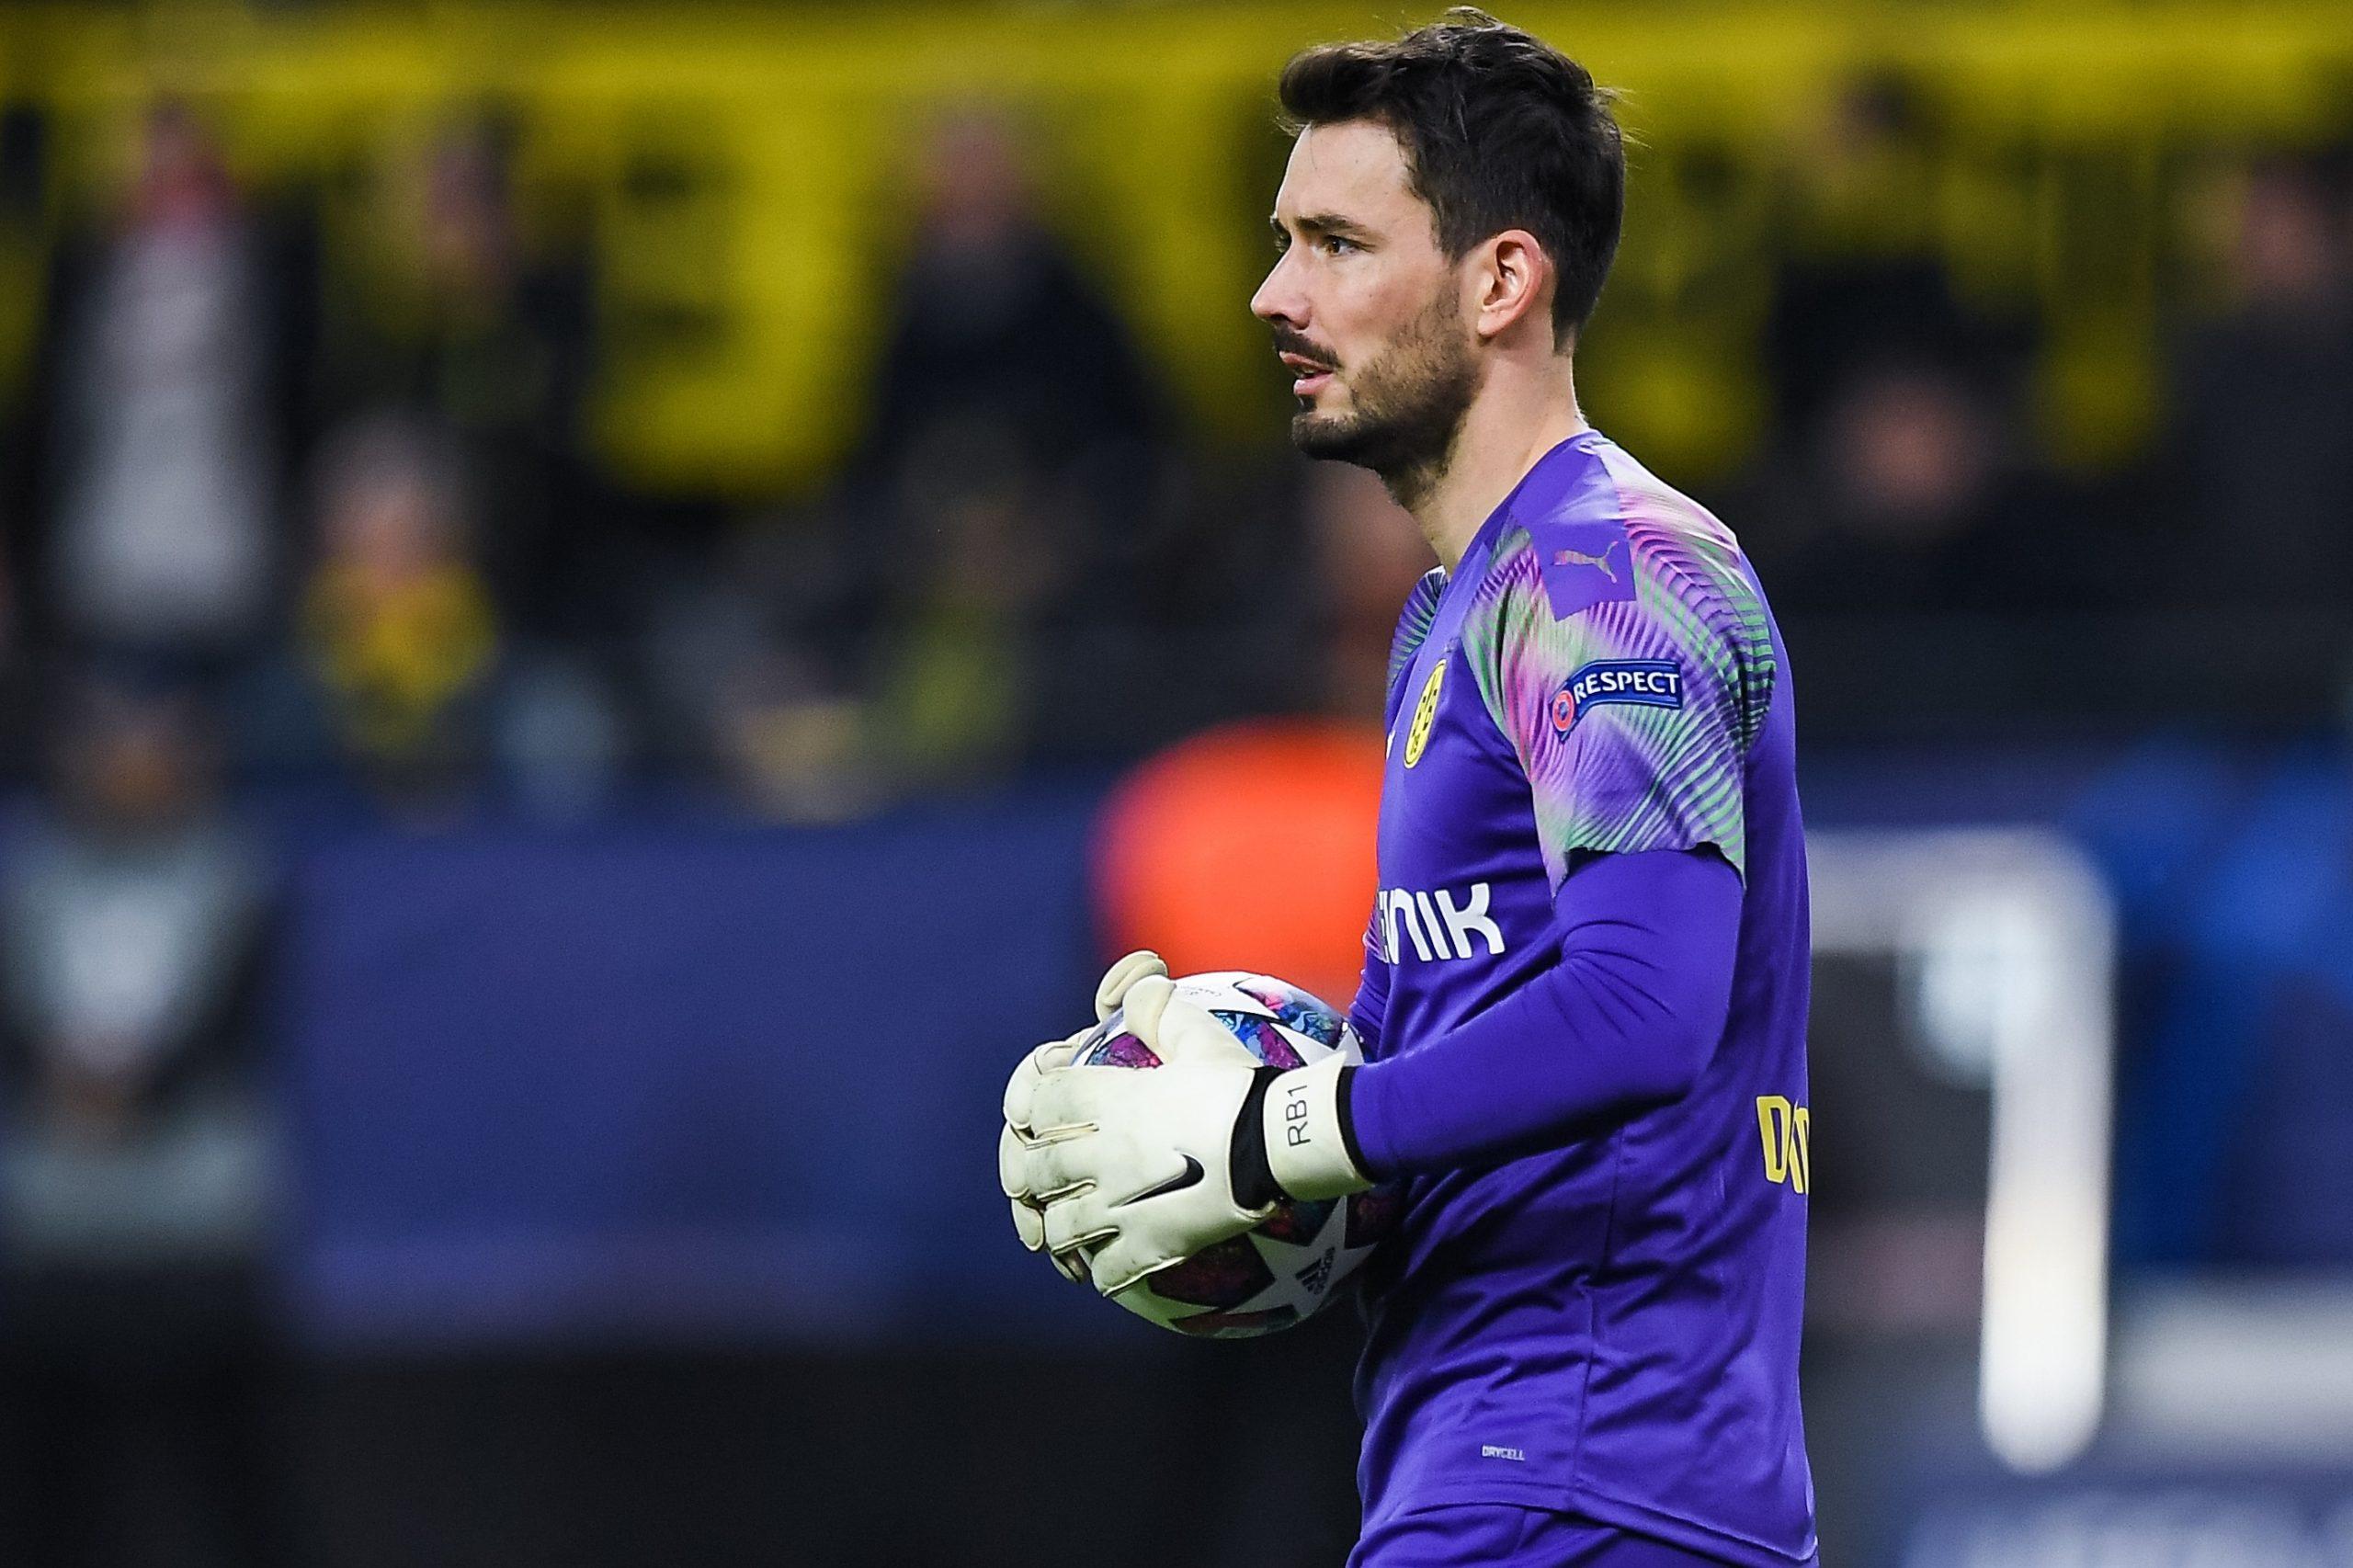 """PSG/Dortmund - Bürki est serein """"nous aurons nos chances avec notre force offensive"""""""